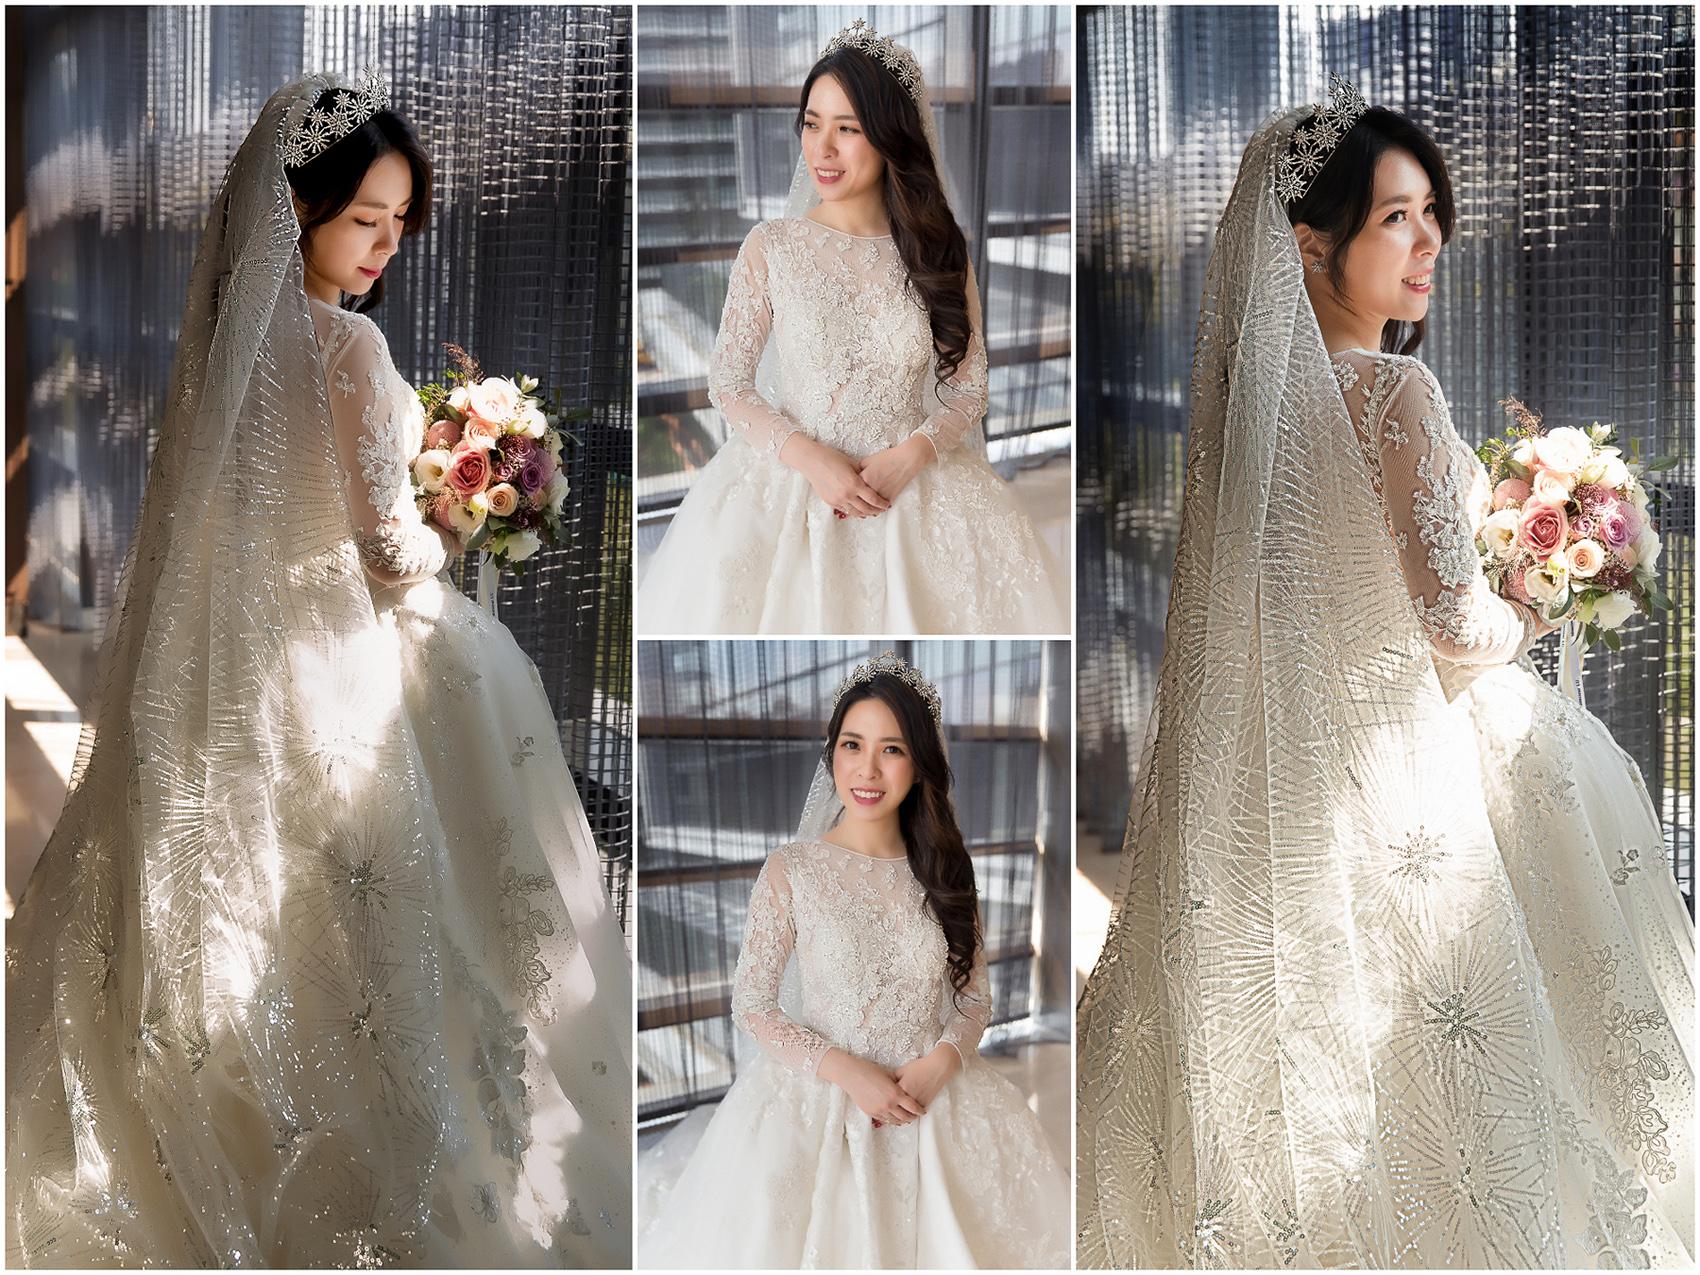 新秘Yuki,新娘秘書,新秘,新娘造型,白紗造型,新娘髮型,長頭紗,皇冠造型,新娘妝容,高雄新秘, 萬豪酒店,西敏英國手工婚紗